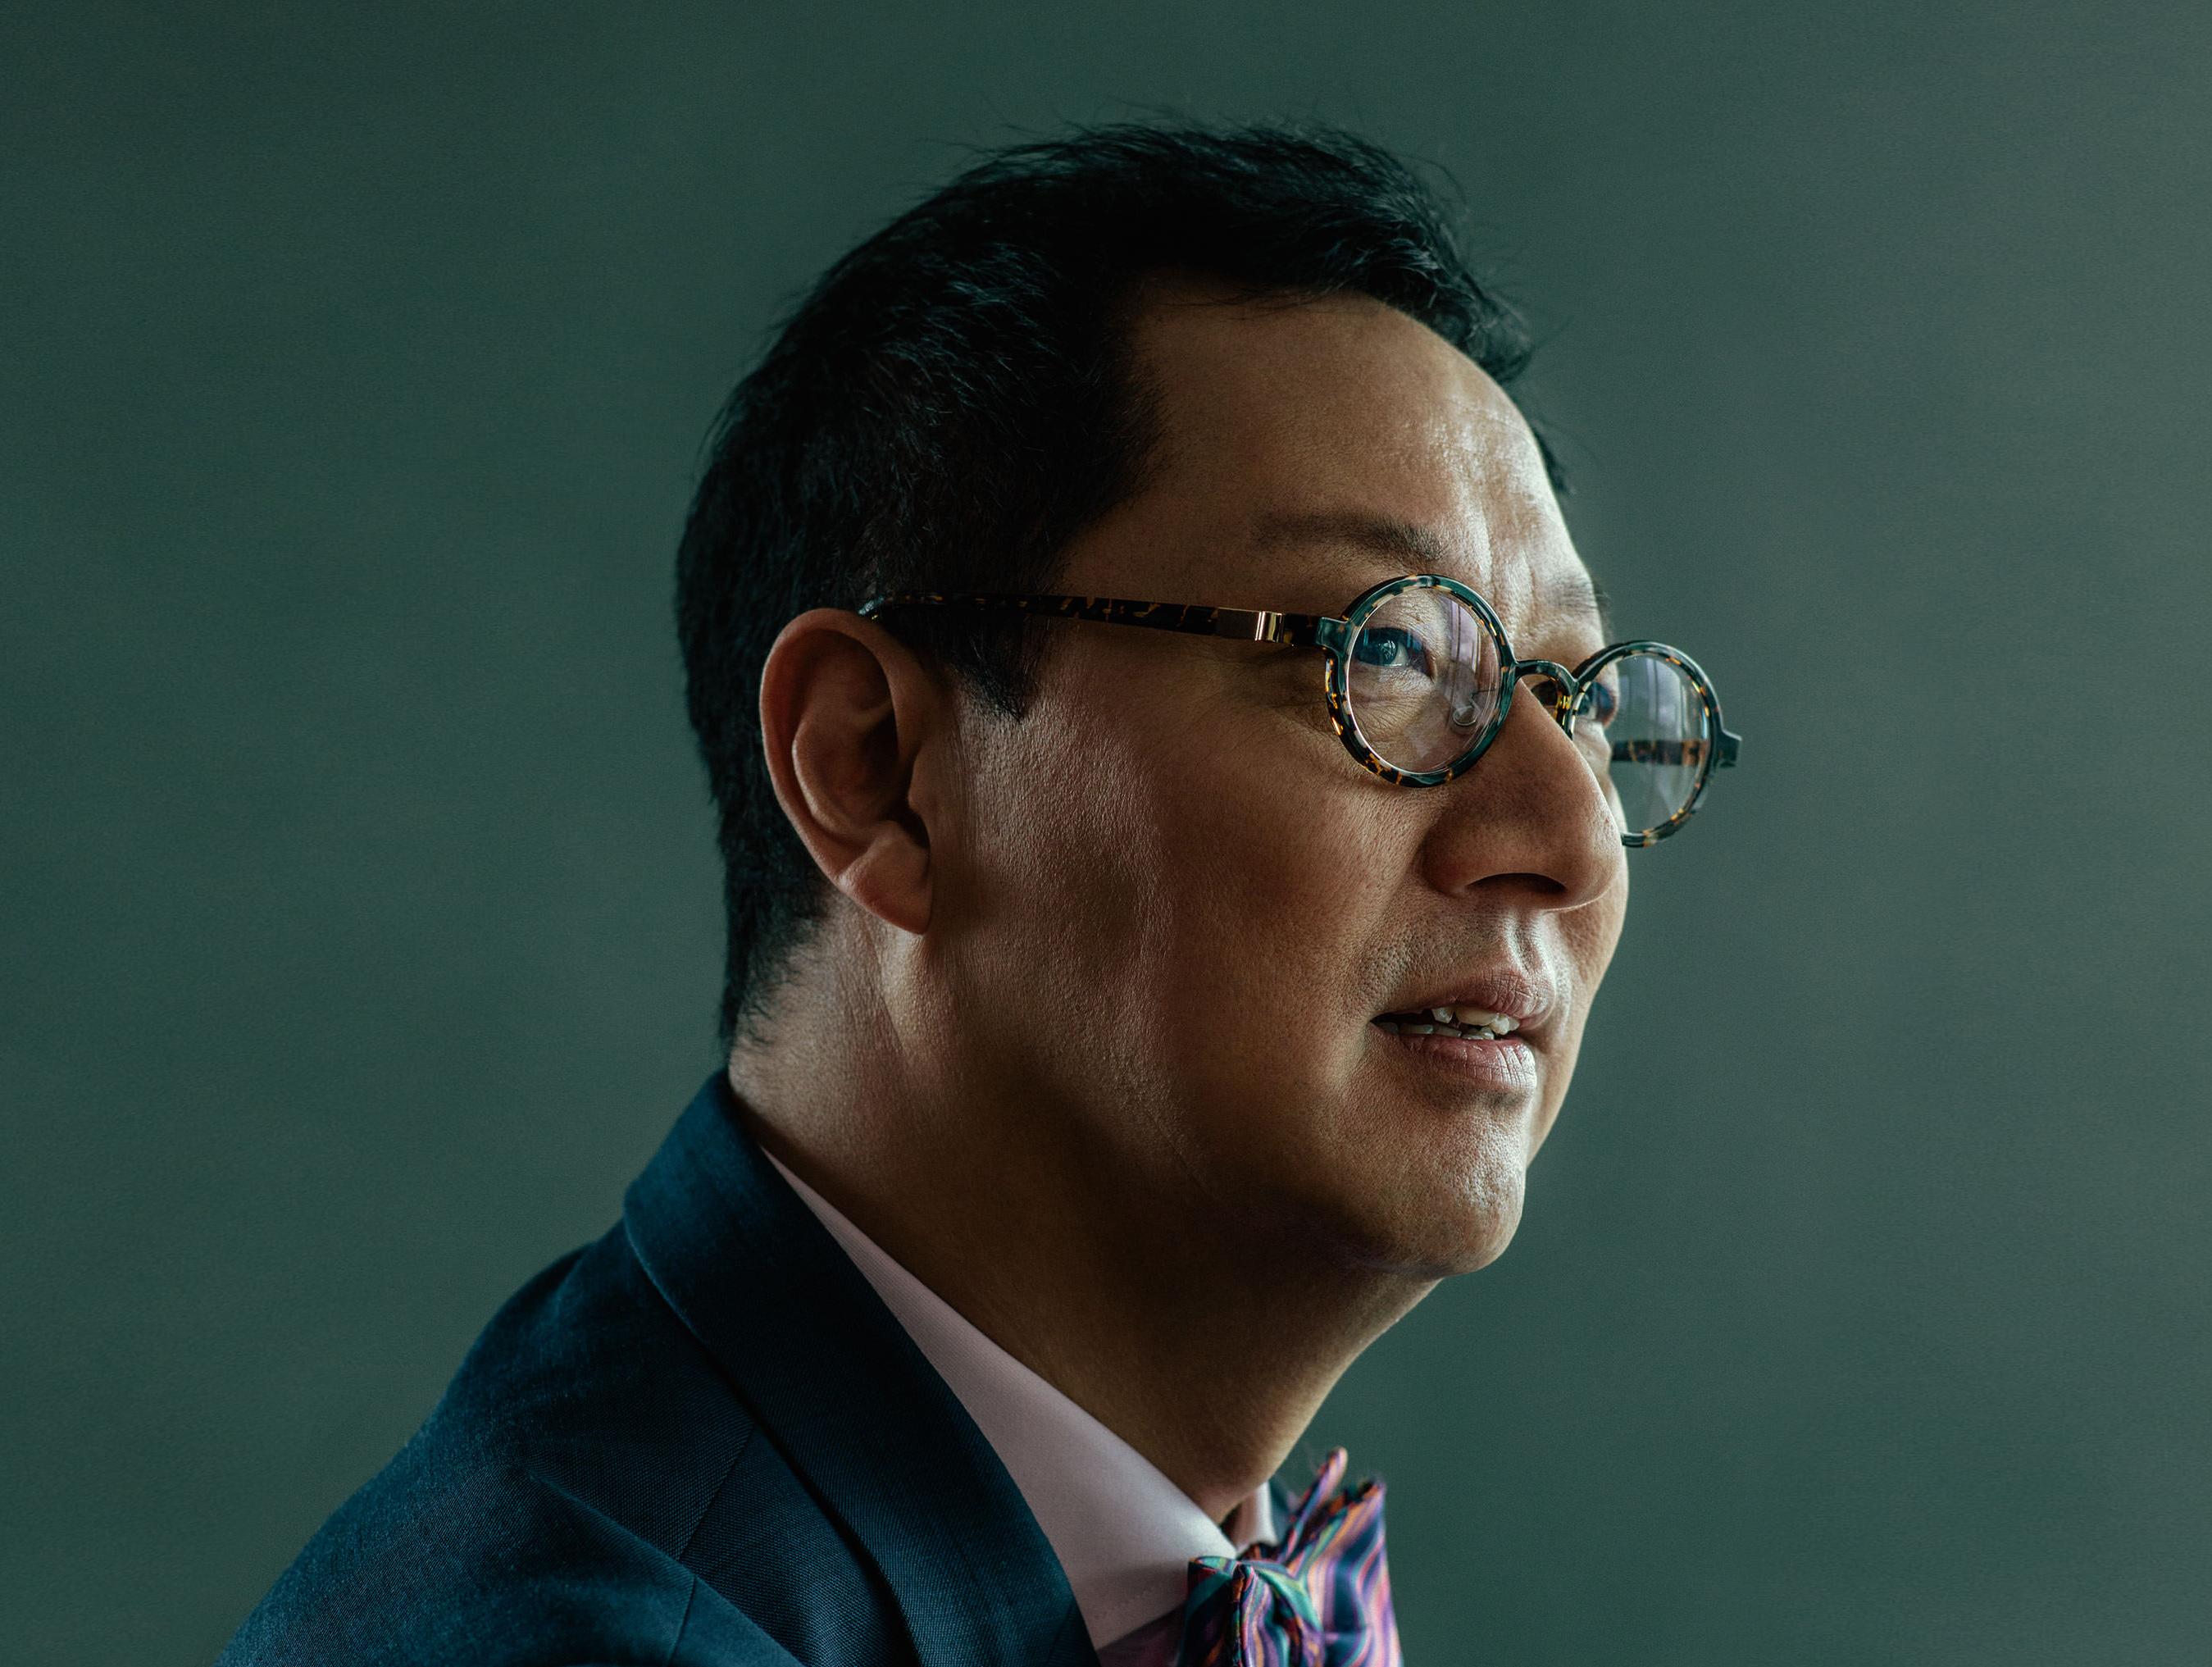 Santa Ono UBC president MONTECRISTO magazine interview